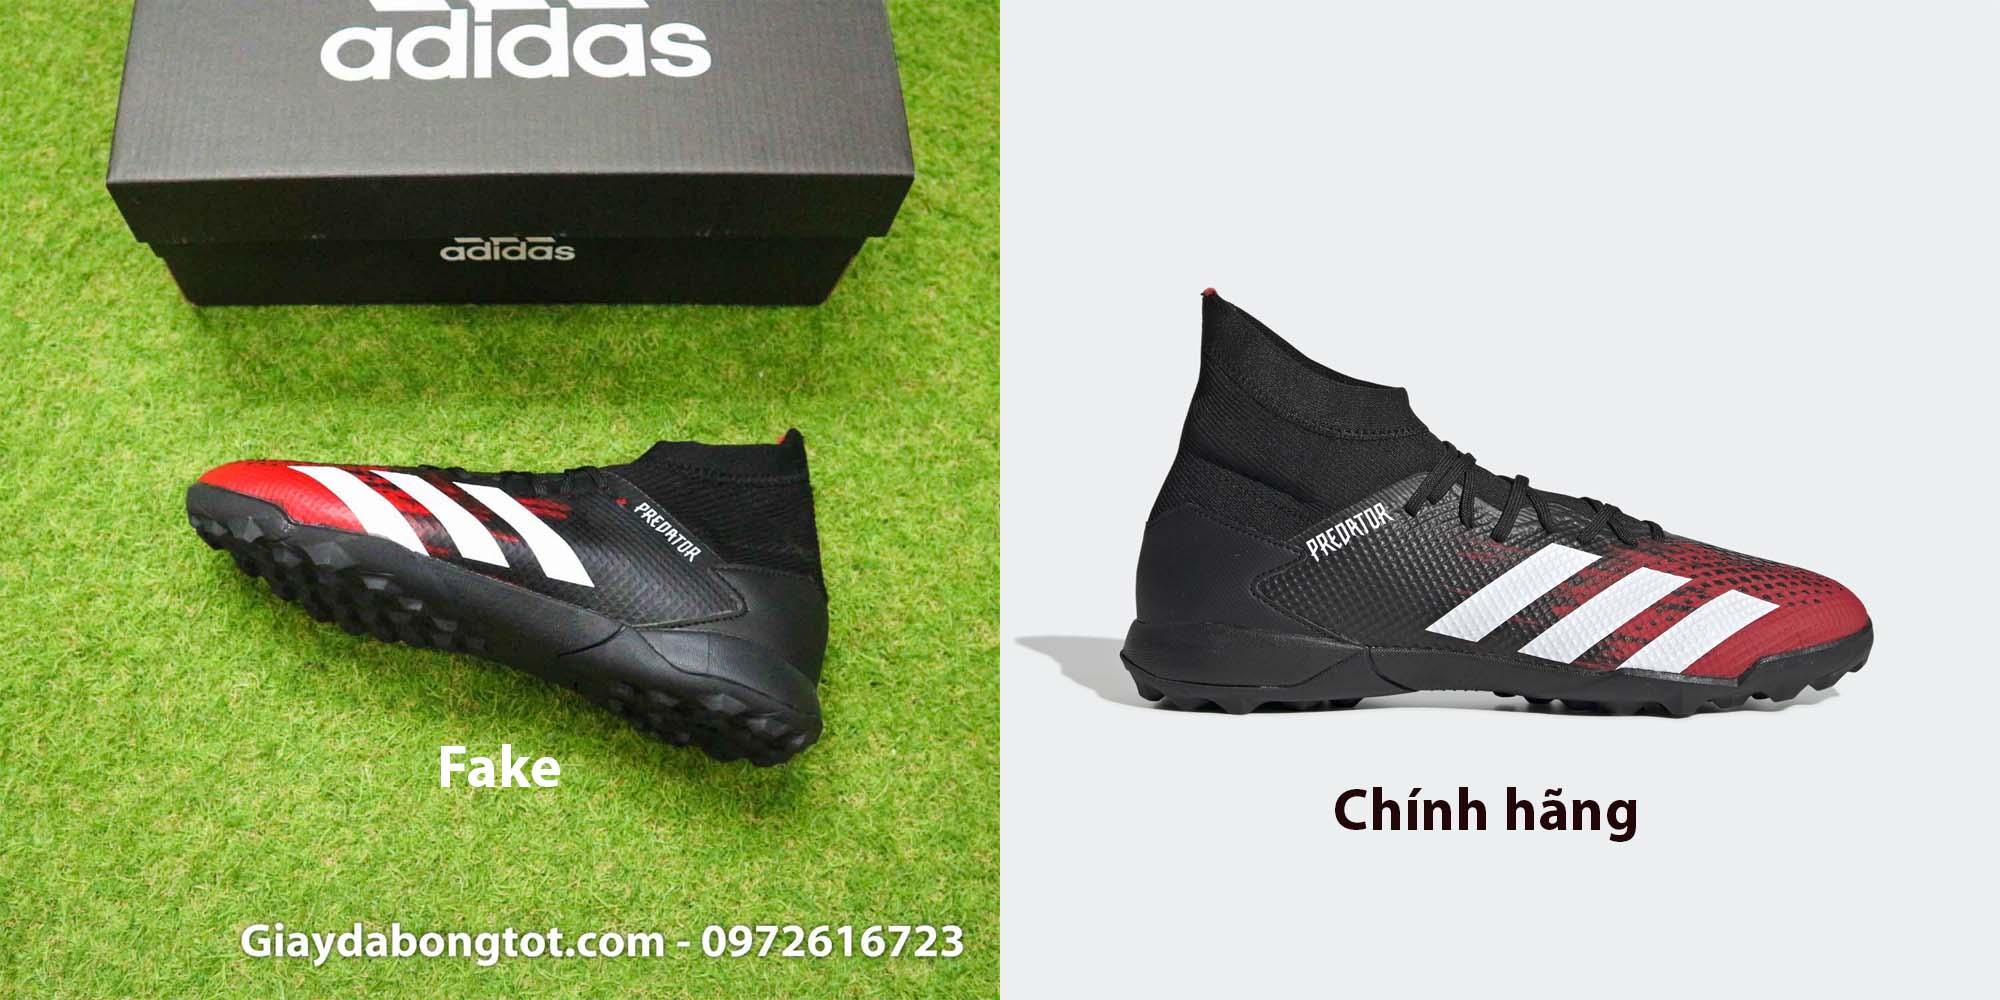 Tuy nhiên đường keo ở viền giày Adidas Predator 20.3 Fake không sắc nét và đẹp như bản chính hãng